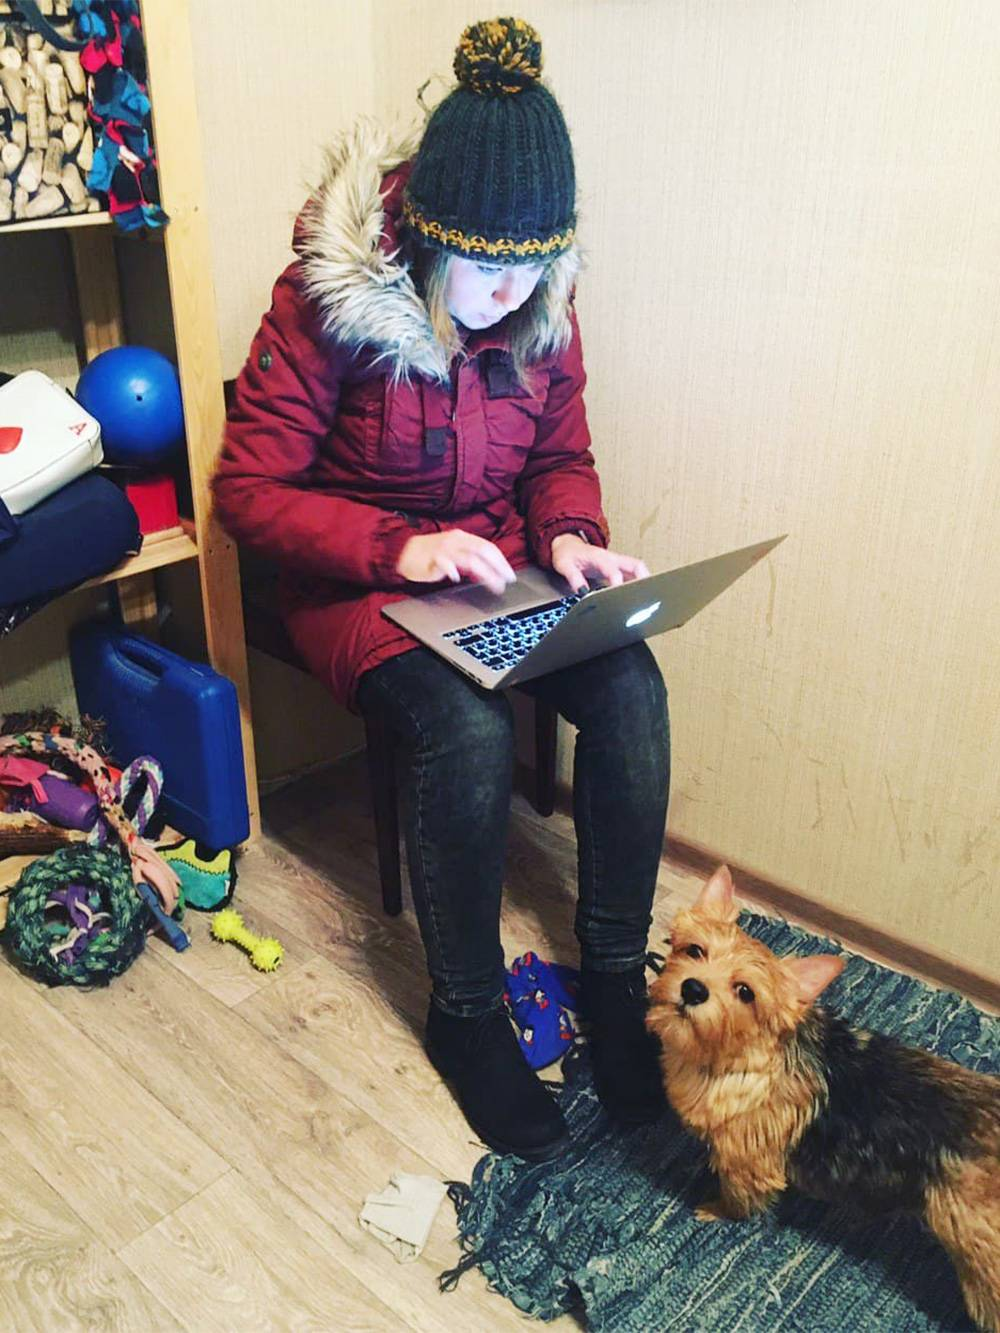 В тот день в Перми выявили первого зараженного ковидом, и я пишу об этом новость вместо прогулки с Пряником, а он недоволен